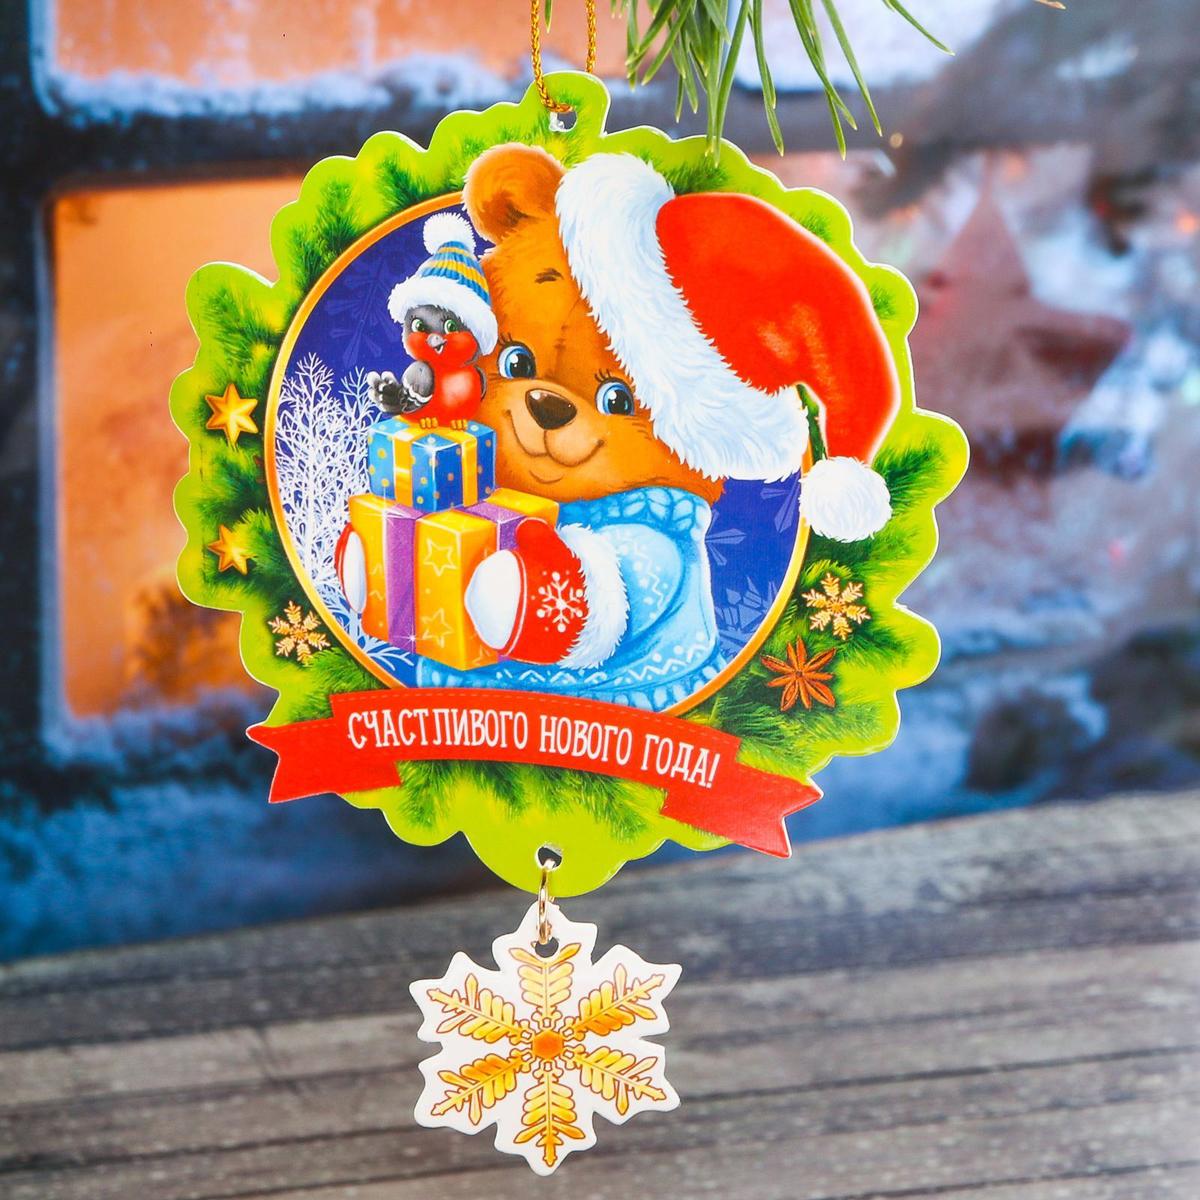 Набор новогодних подвесных украшений Sima-land Счастливого Нового года, 9,1 х 9,3 см, 2 шт2268146Набор новогодних подвесных украшений Sima-land отлично подойдет для декорации вашего дома и новогодней ели. С помощью специальной петельки украшение можно повесить в любом понравившемся вам месте. Но, конечно, удачнее всего оно будет смотреться на праздничной елке. Елочная игрушка - символ Нового года. Она несет в себе волшебство и красоту праздника. Создайте в своем доме атмосферу веселья и радости, украшая новогоднюю елку нарядными игрушками, которые будут из года в год накапливать теплоту воспоминаний.